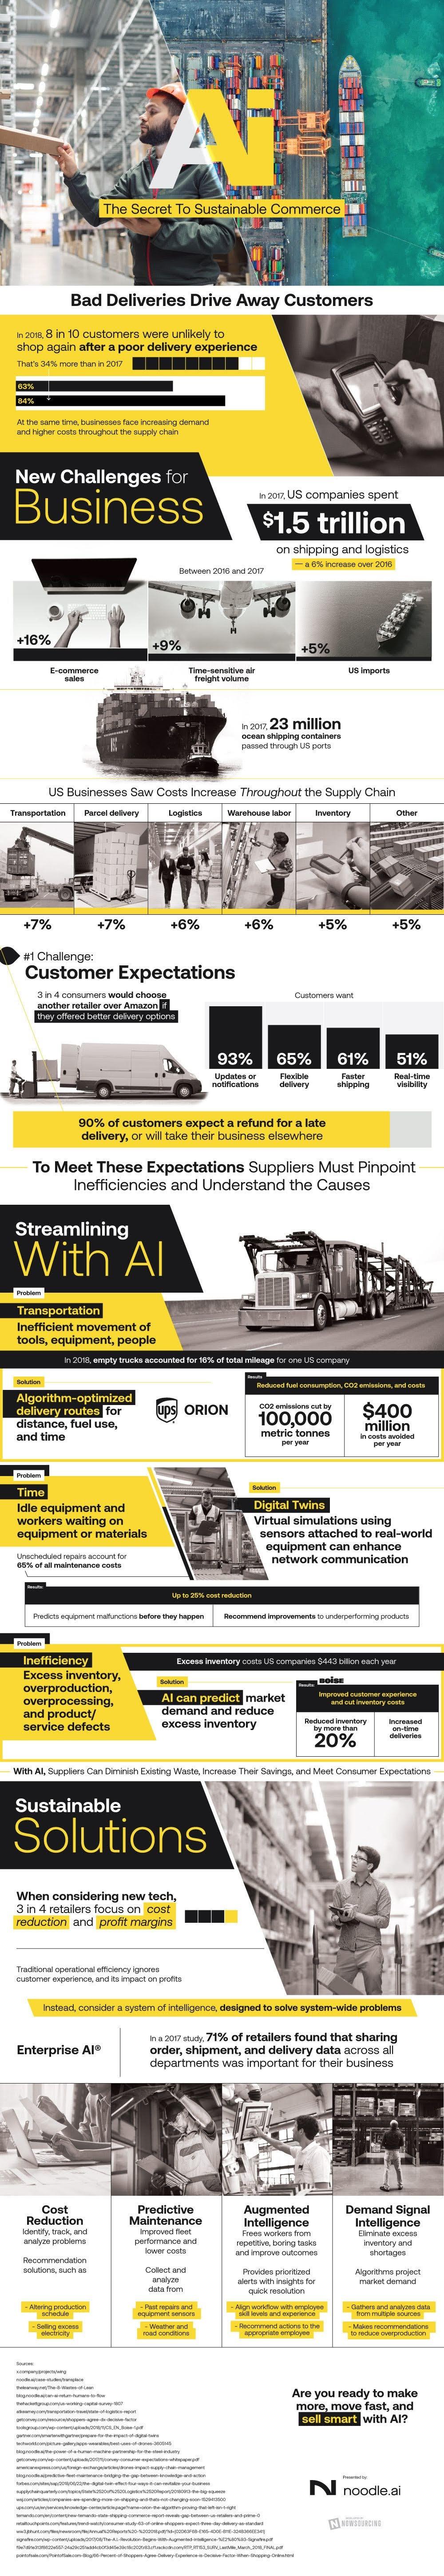 La inteligencia artificial aplicada a la cadena de suministro